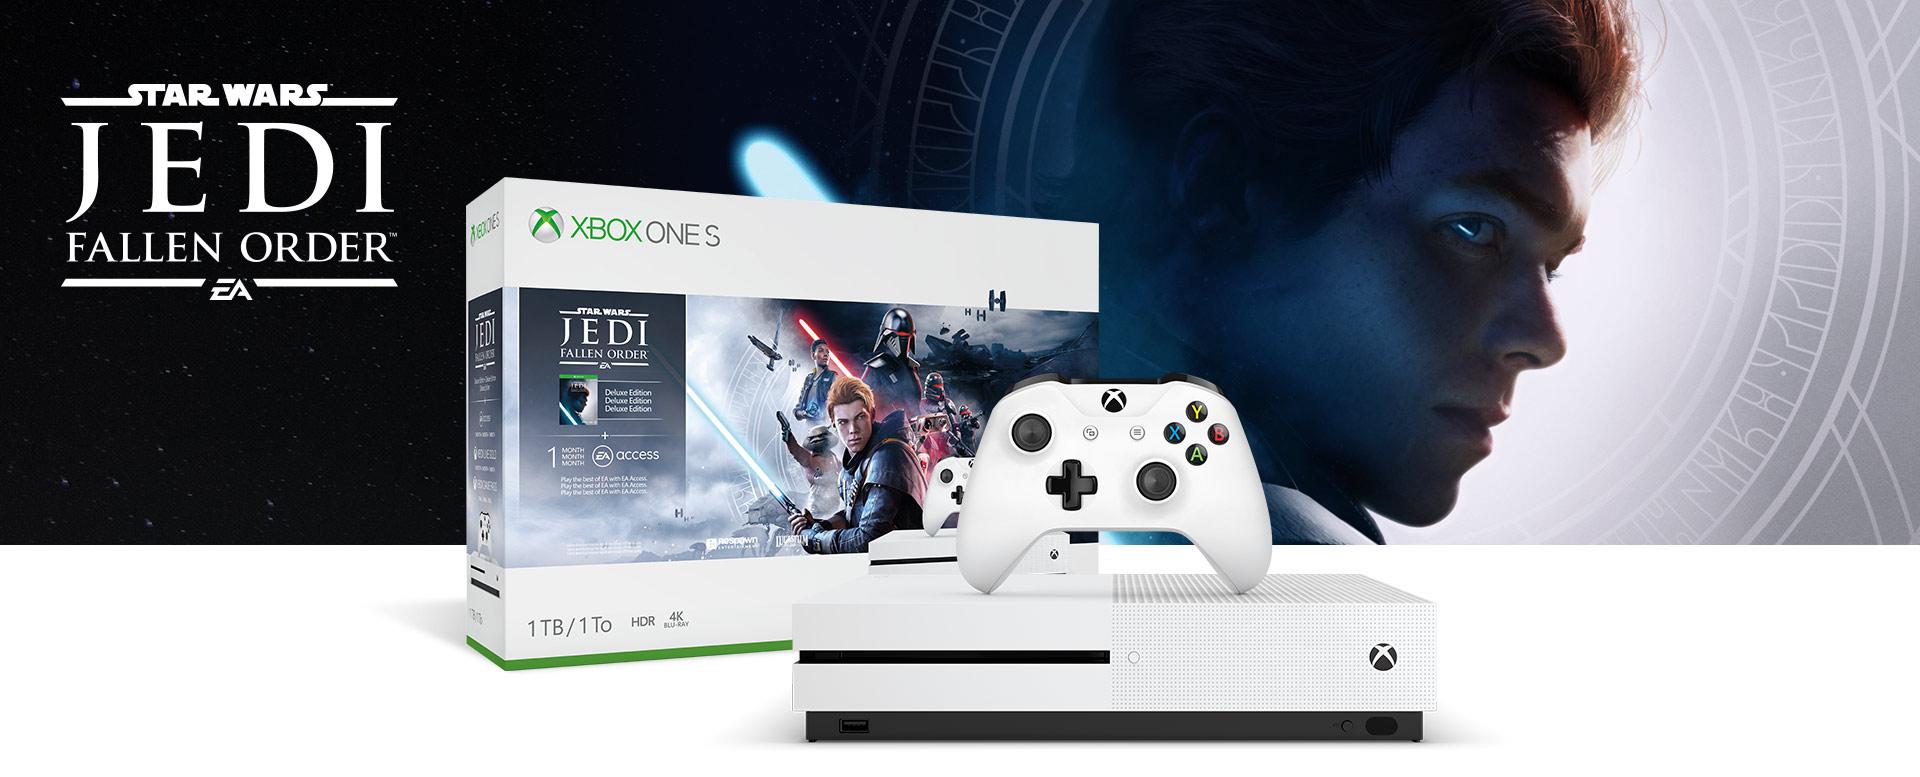 Xbox One S-console voor een hardwarebundelverpakking met Star Wars Jedi: Fallen Order-logo